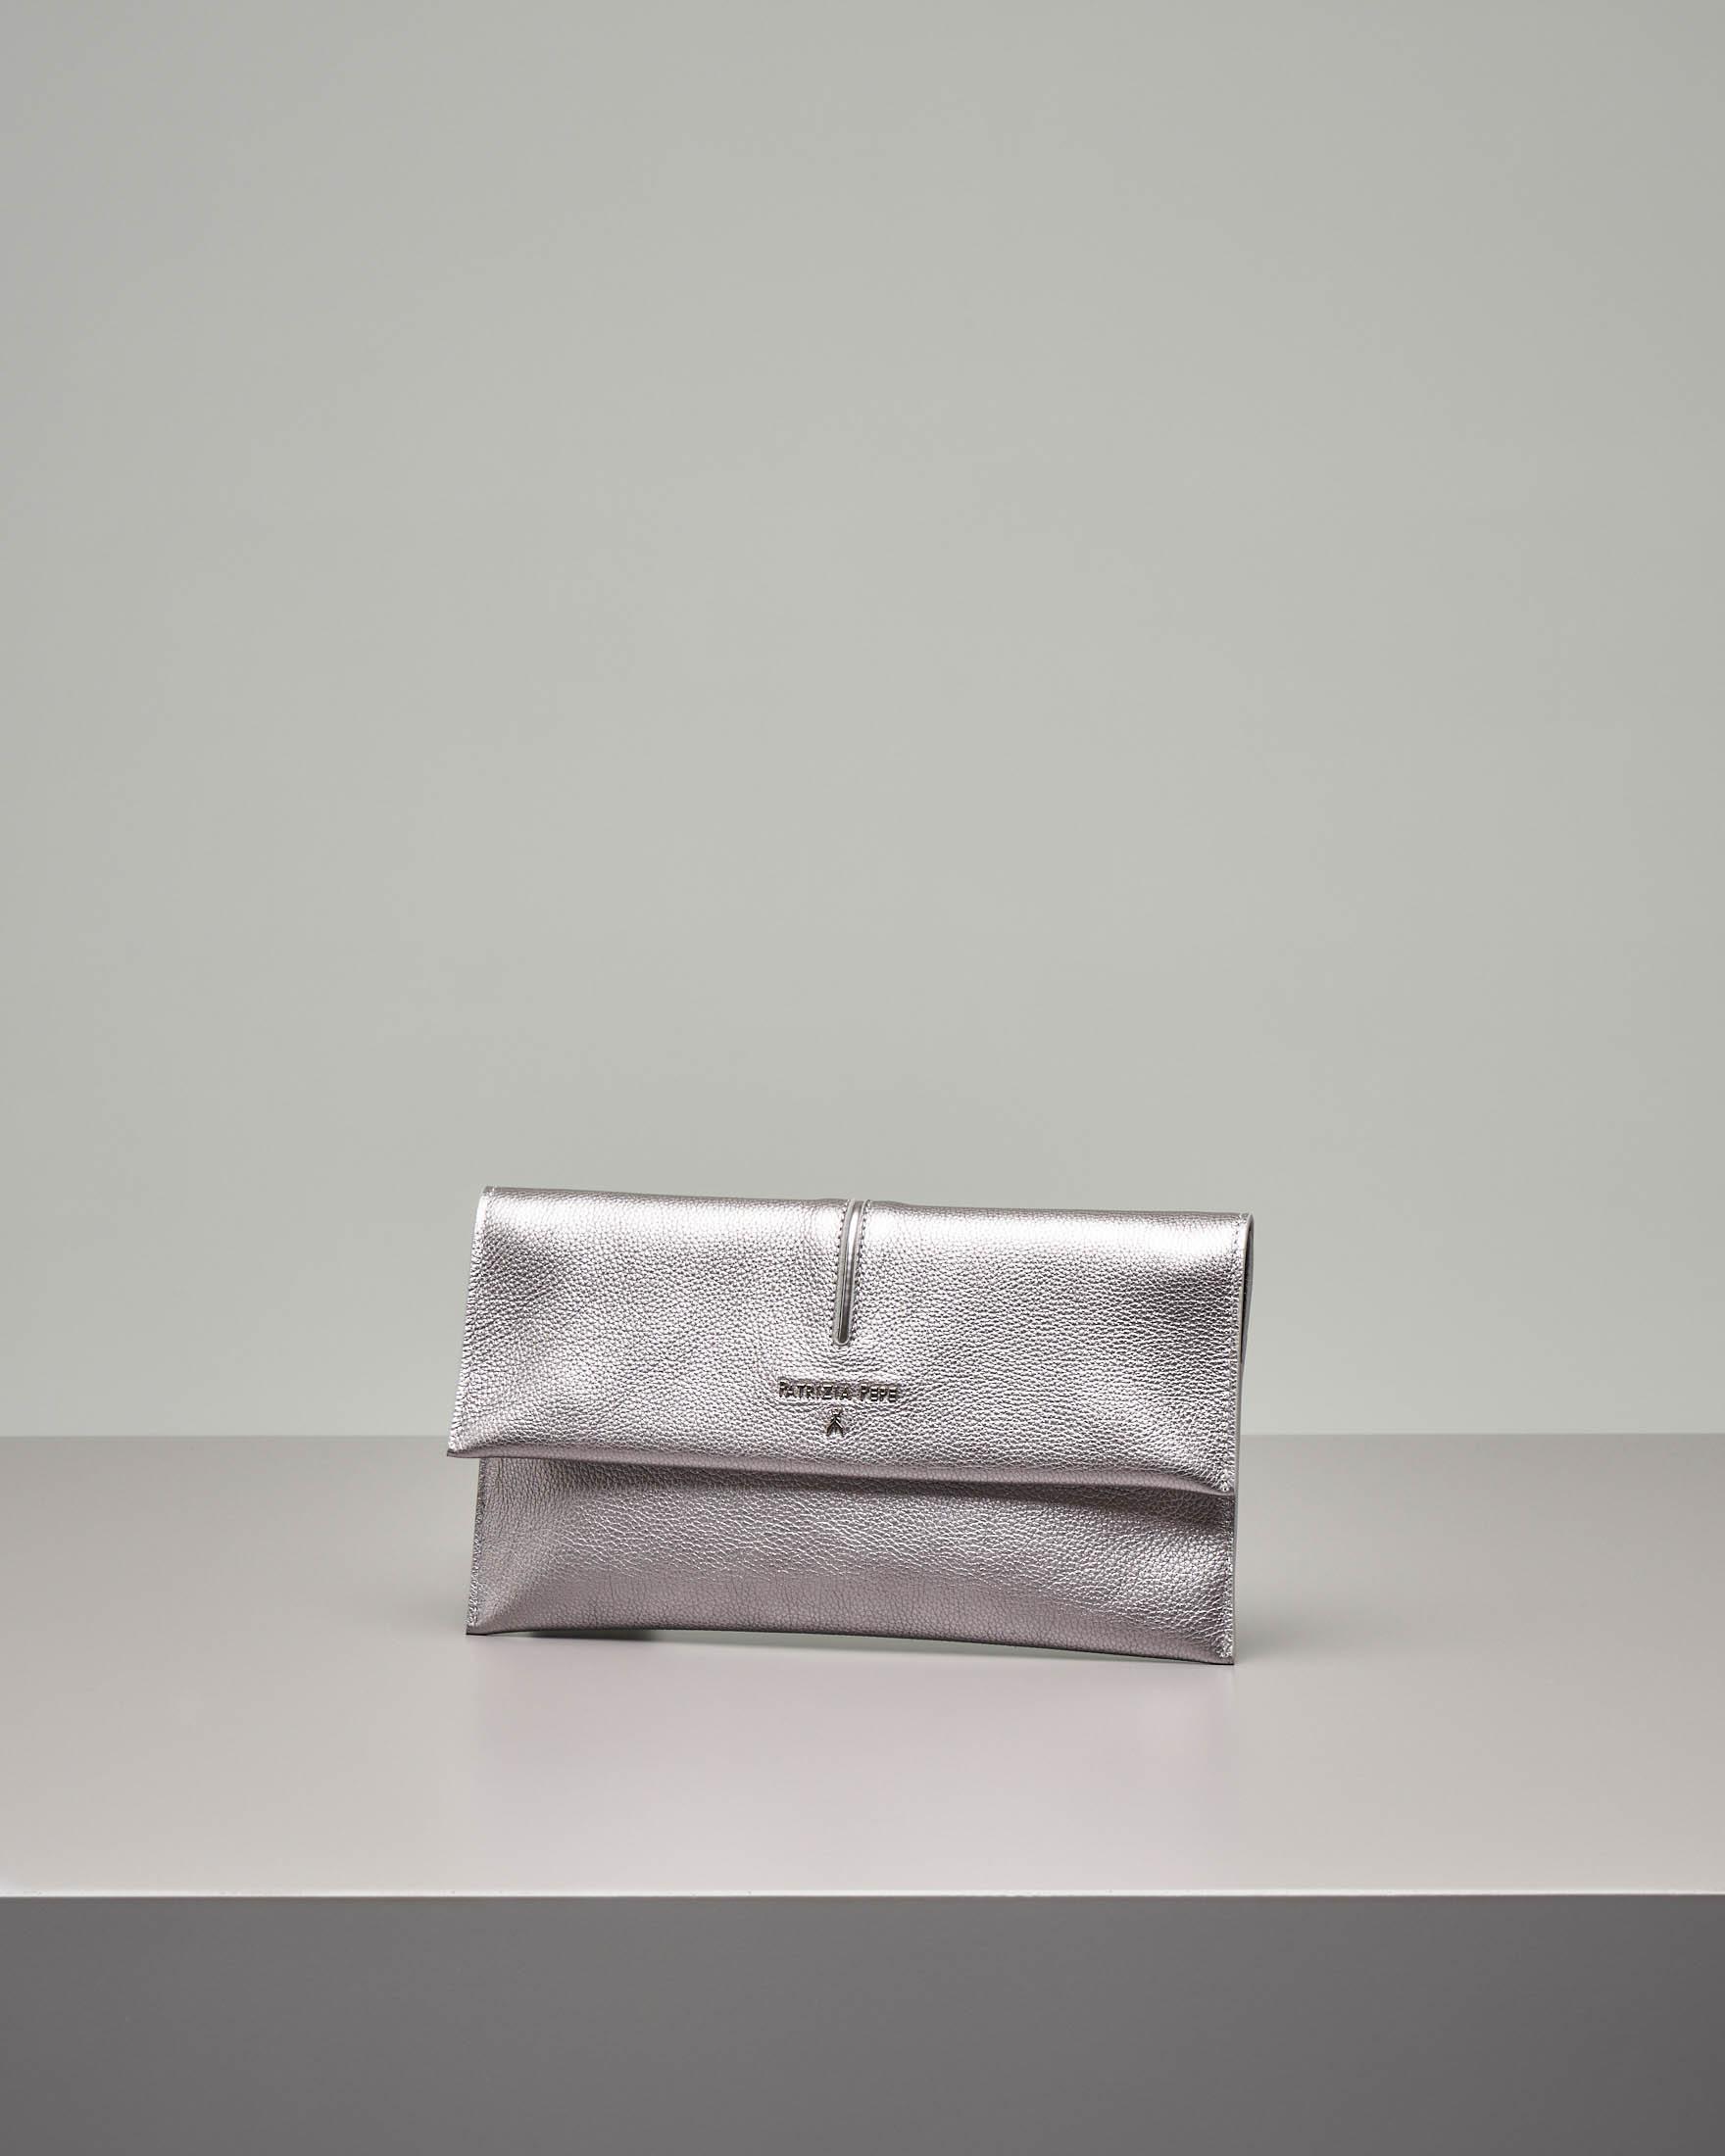 Pochette in pelle color argento effetto martellato con patella e tracolla removibile